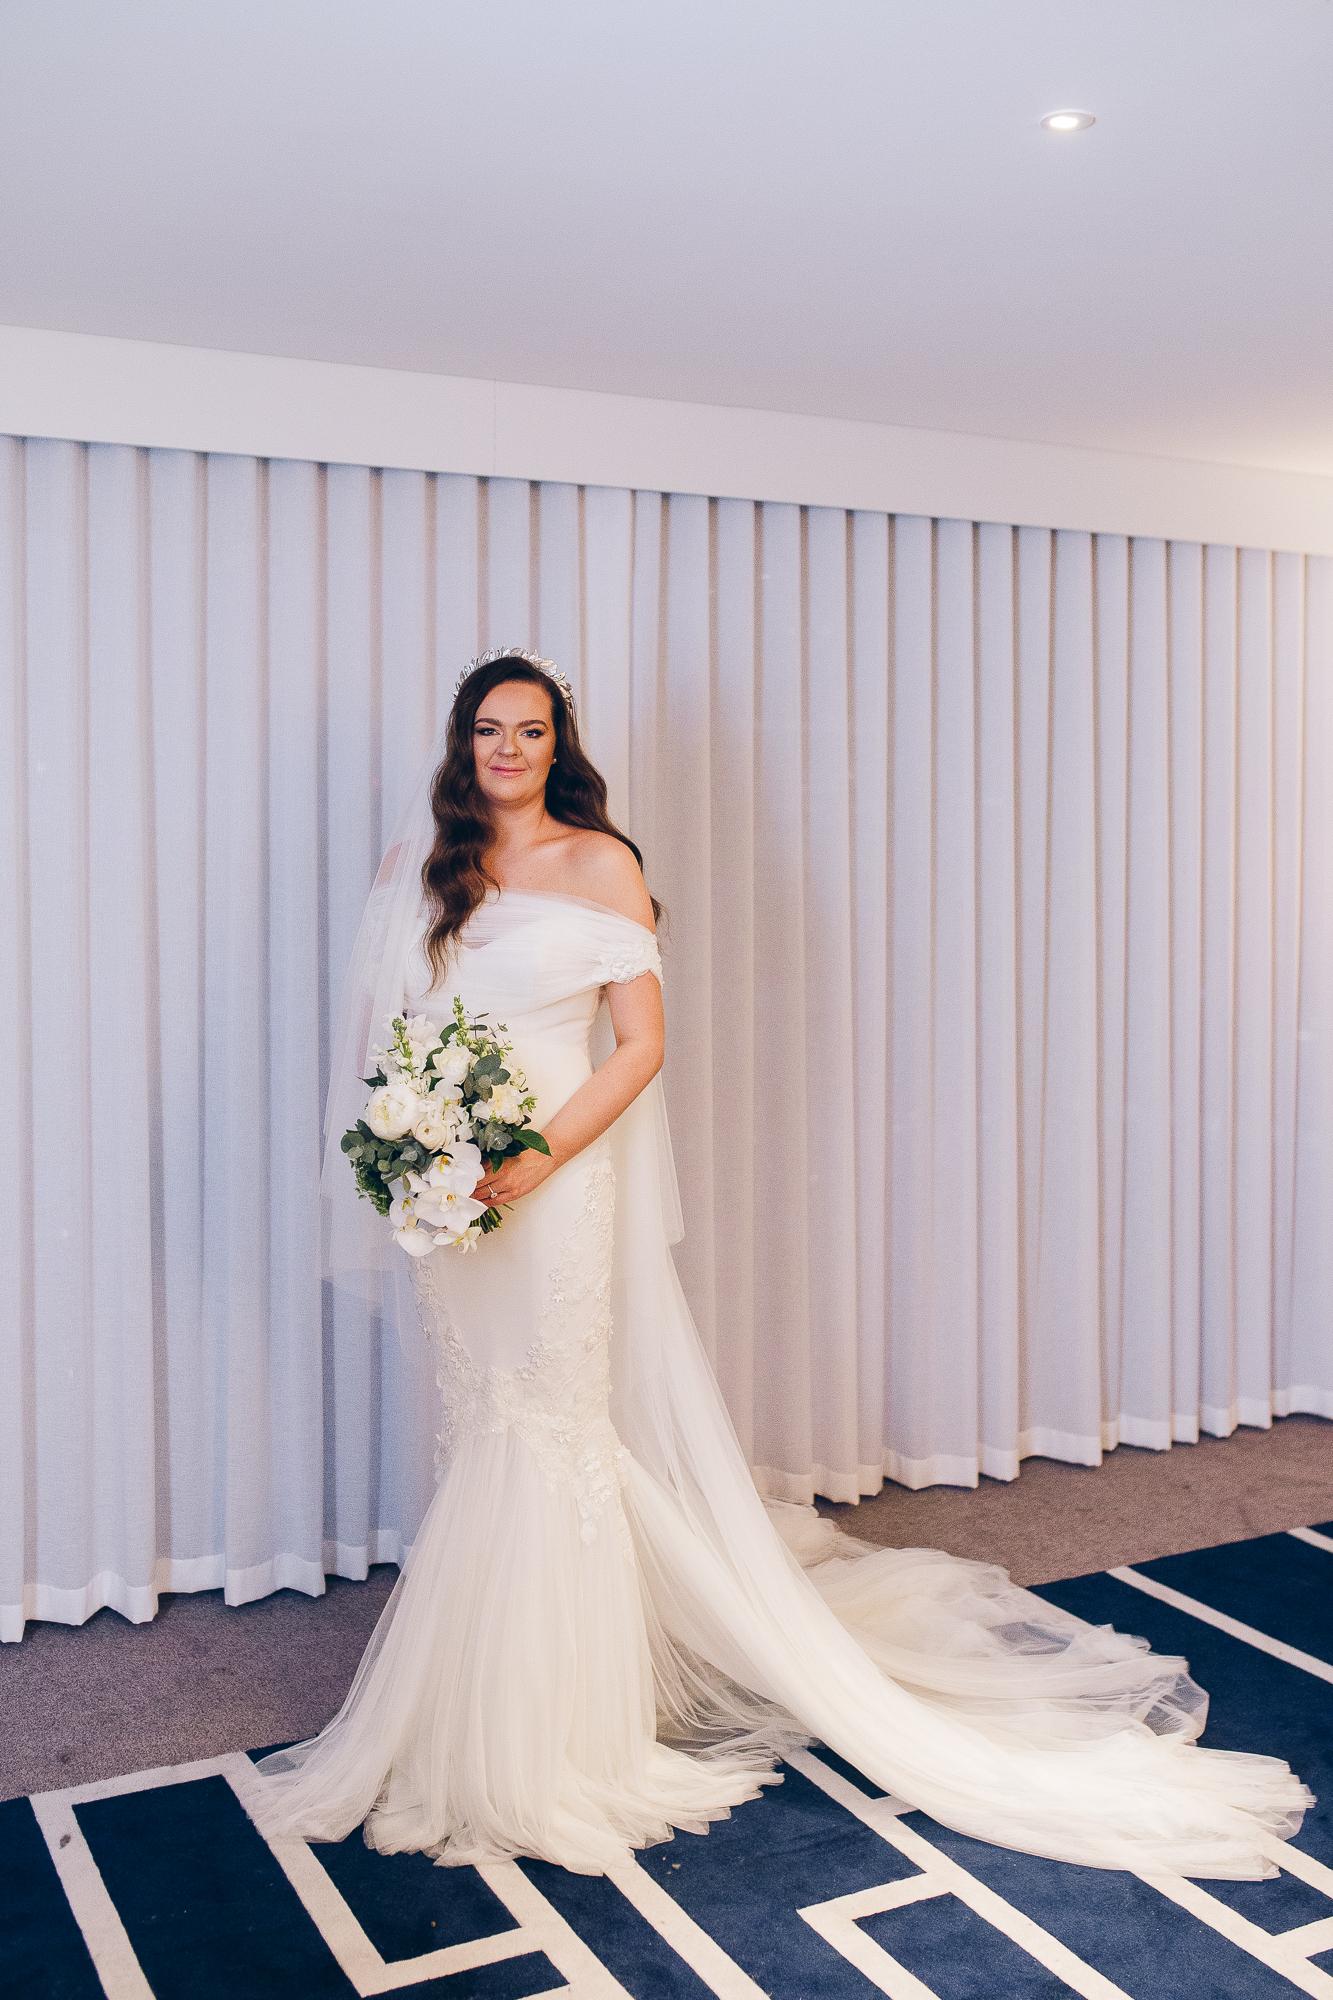 0106-Wedding-Bride-Getting-Ready-Nicole-Brad.jpg